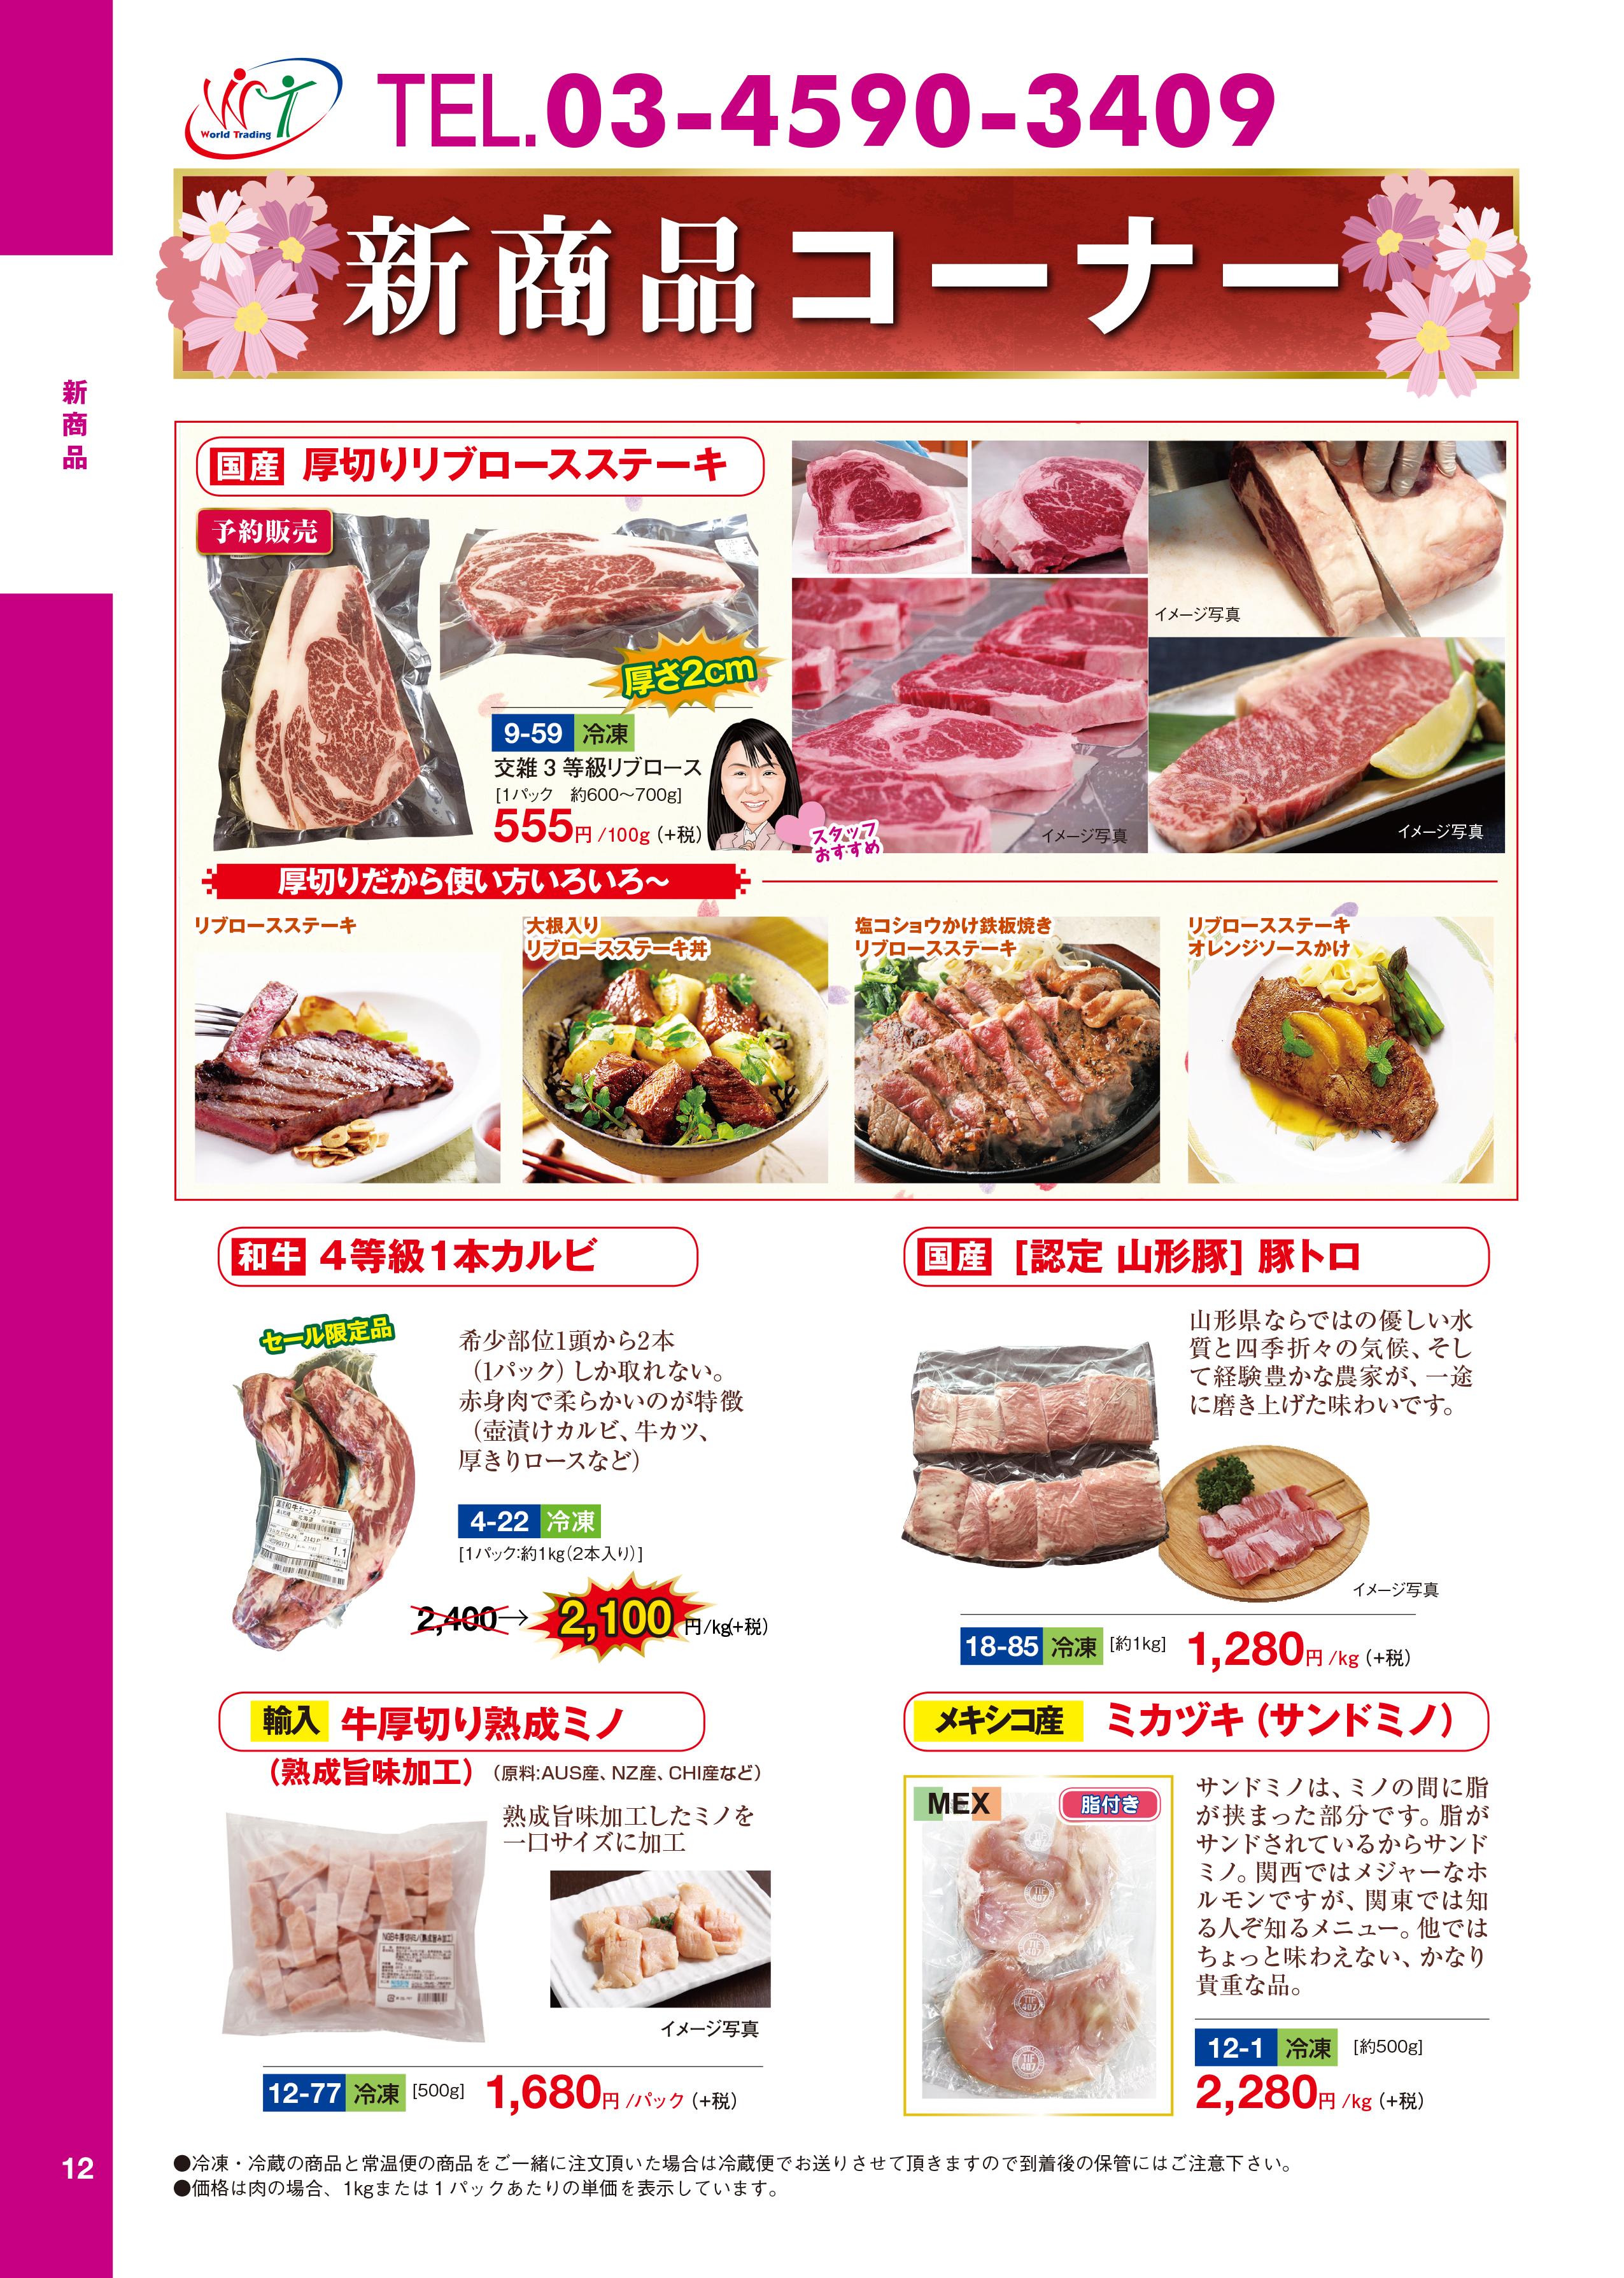 p012-013_新商品-1